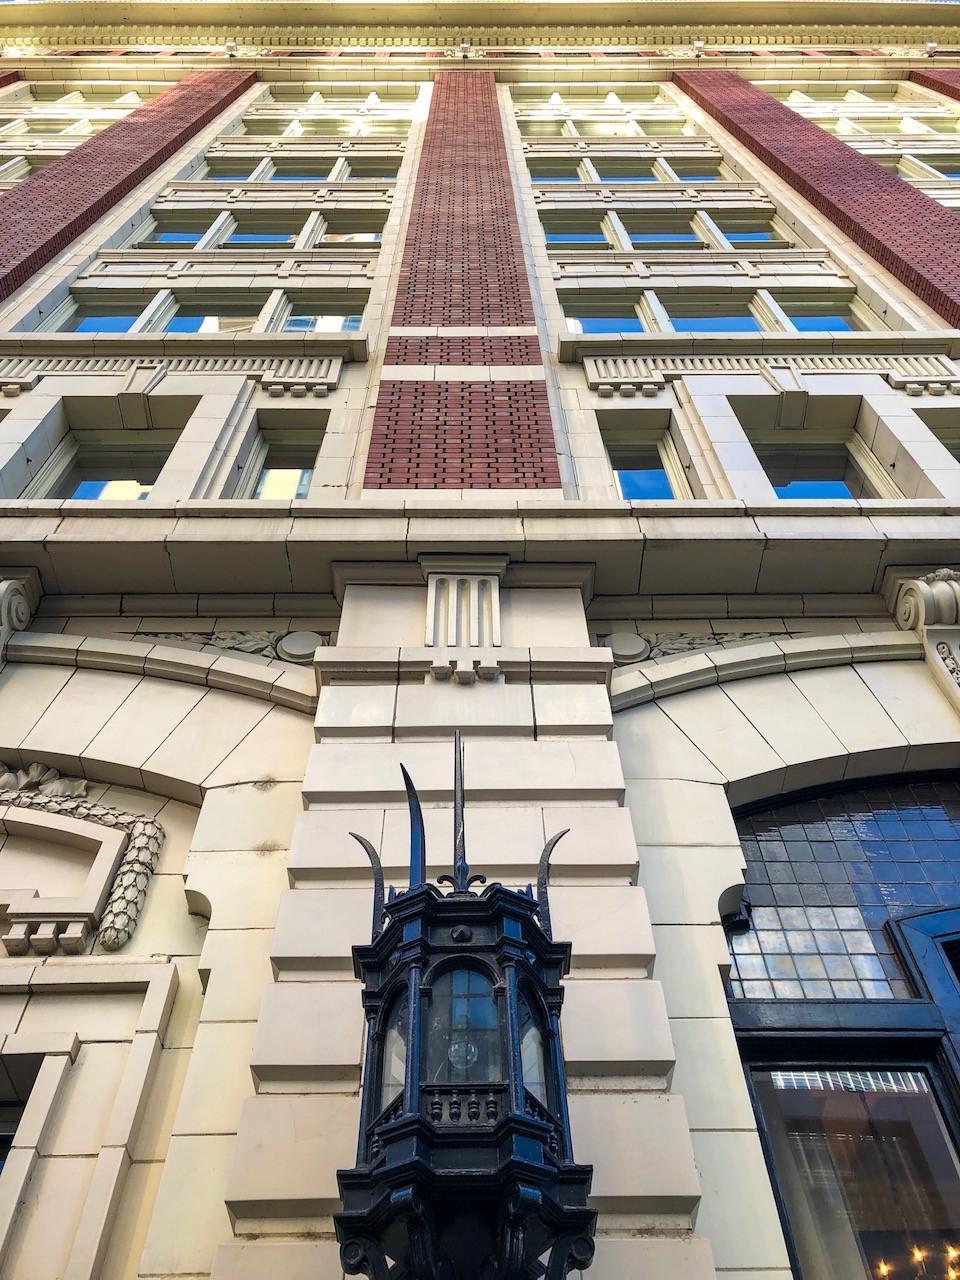 Hotel Teatro Exterior Architecture